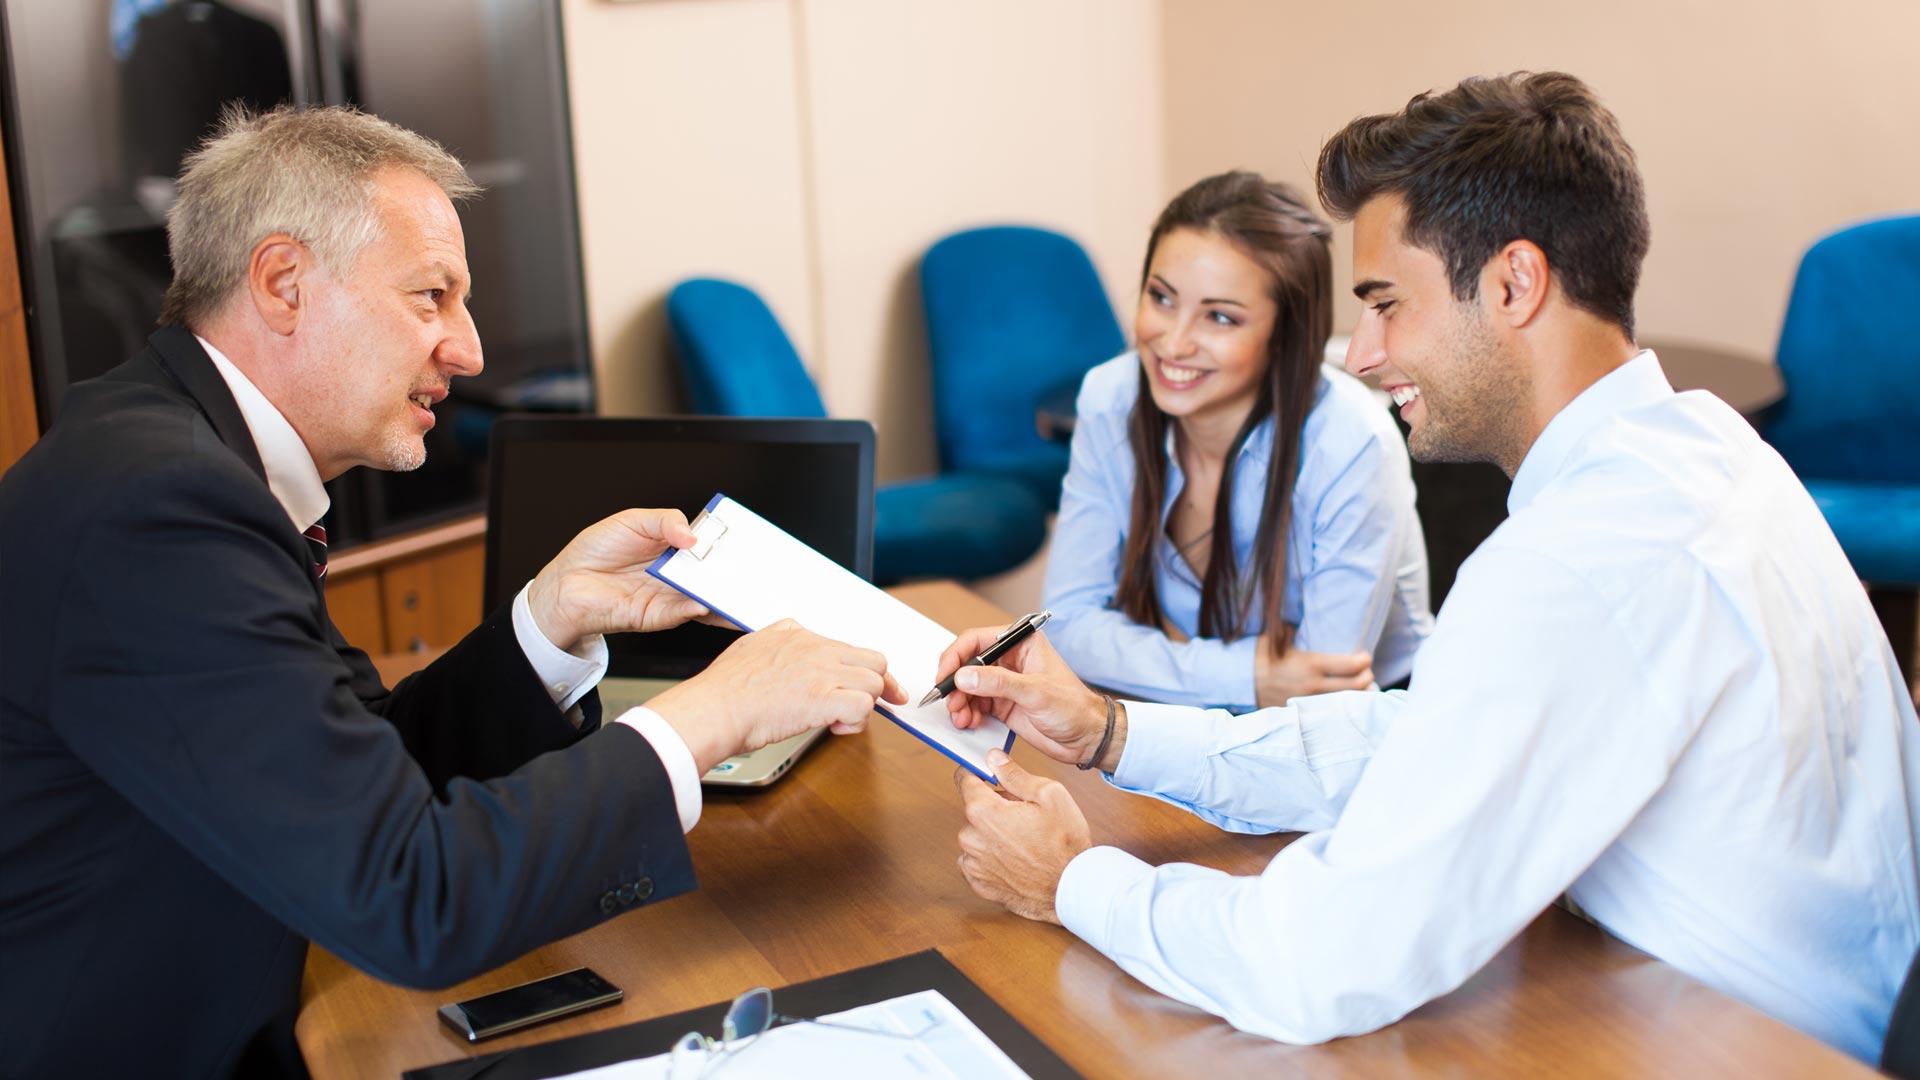 ¿Cómo elegir una entidad financiera confiable?